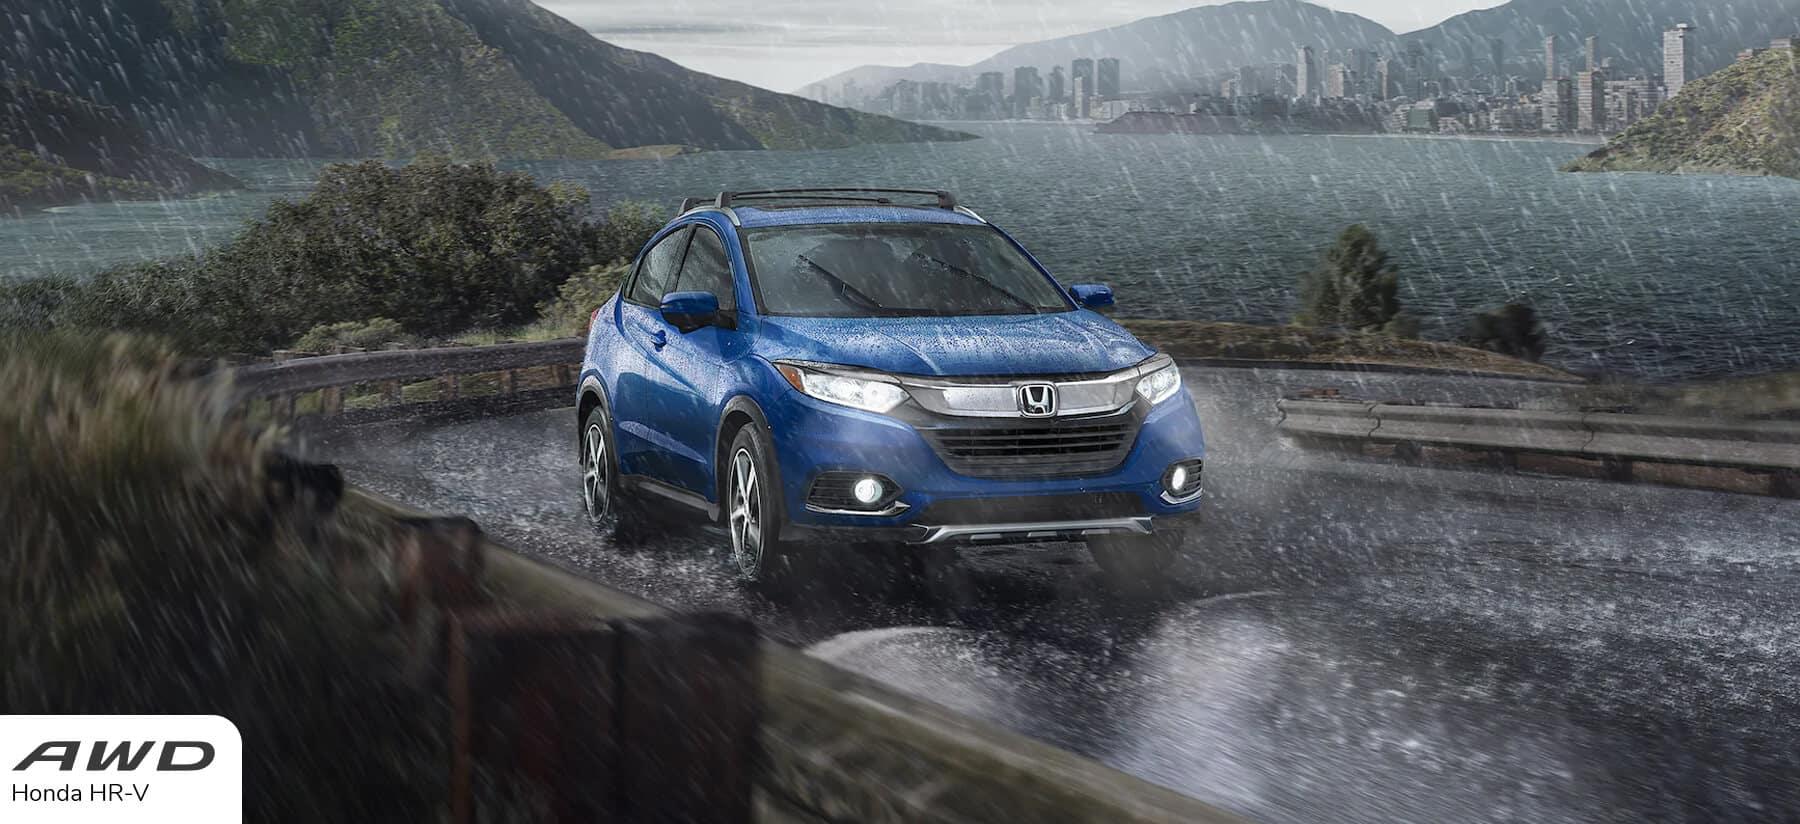 Honda All-Wheel Drive HR-V Slider